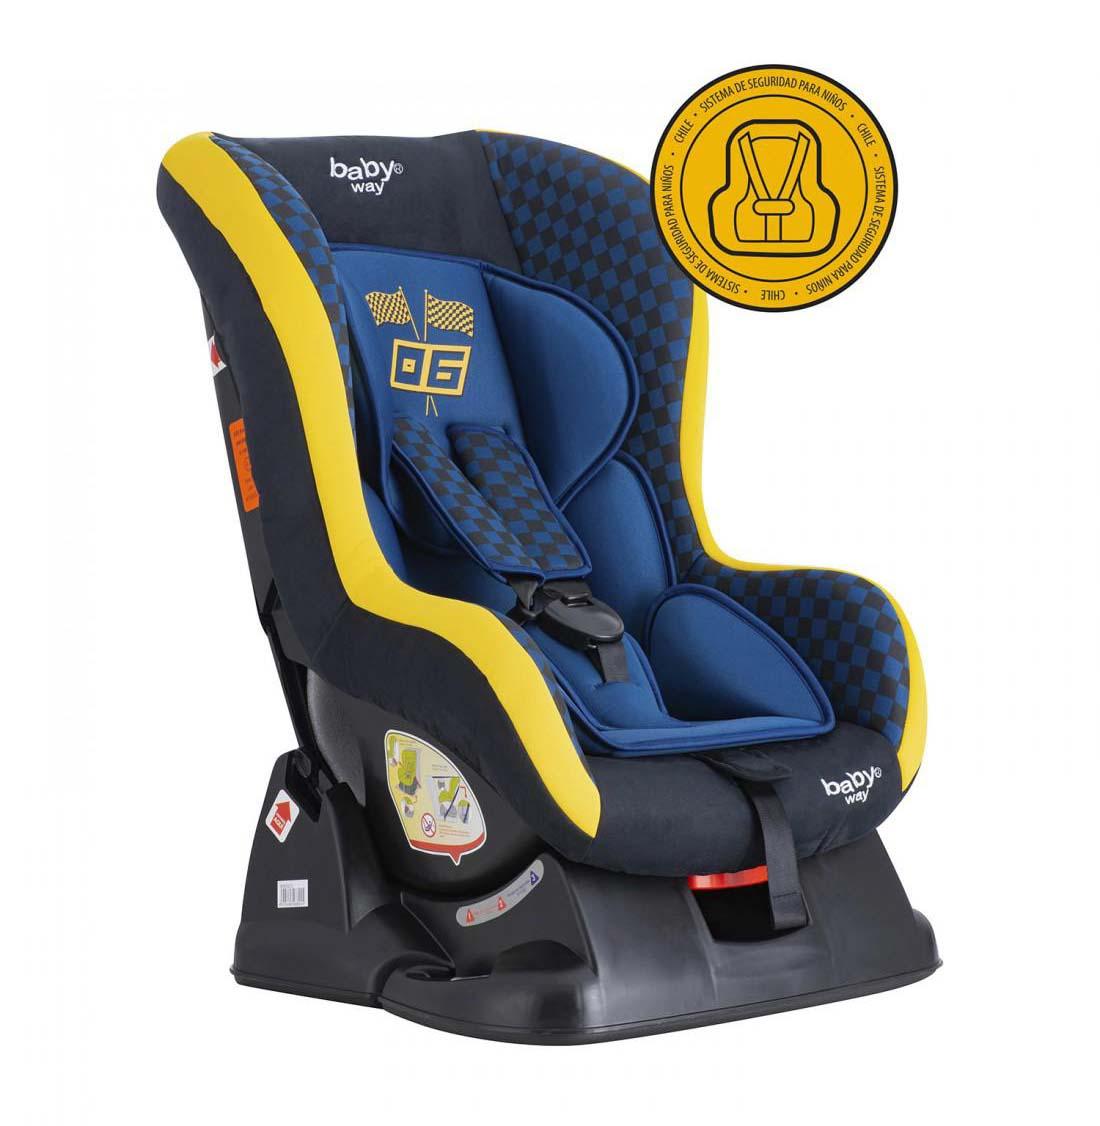 Silla De Auto Convertible Azul Bw-743B20